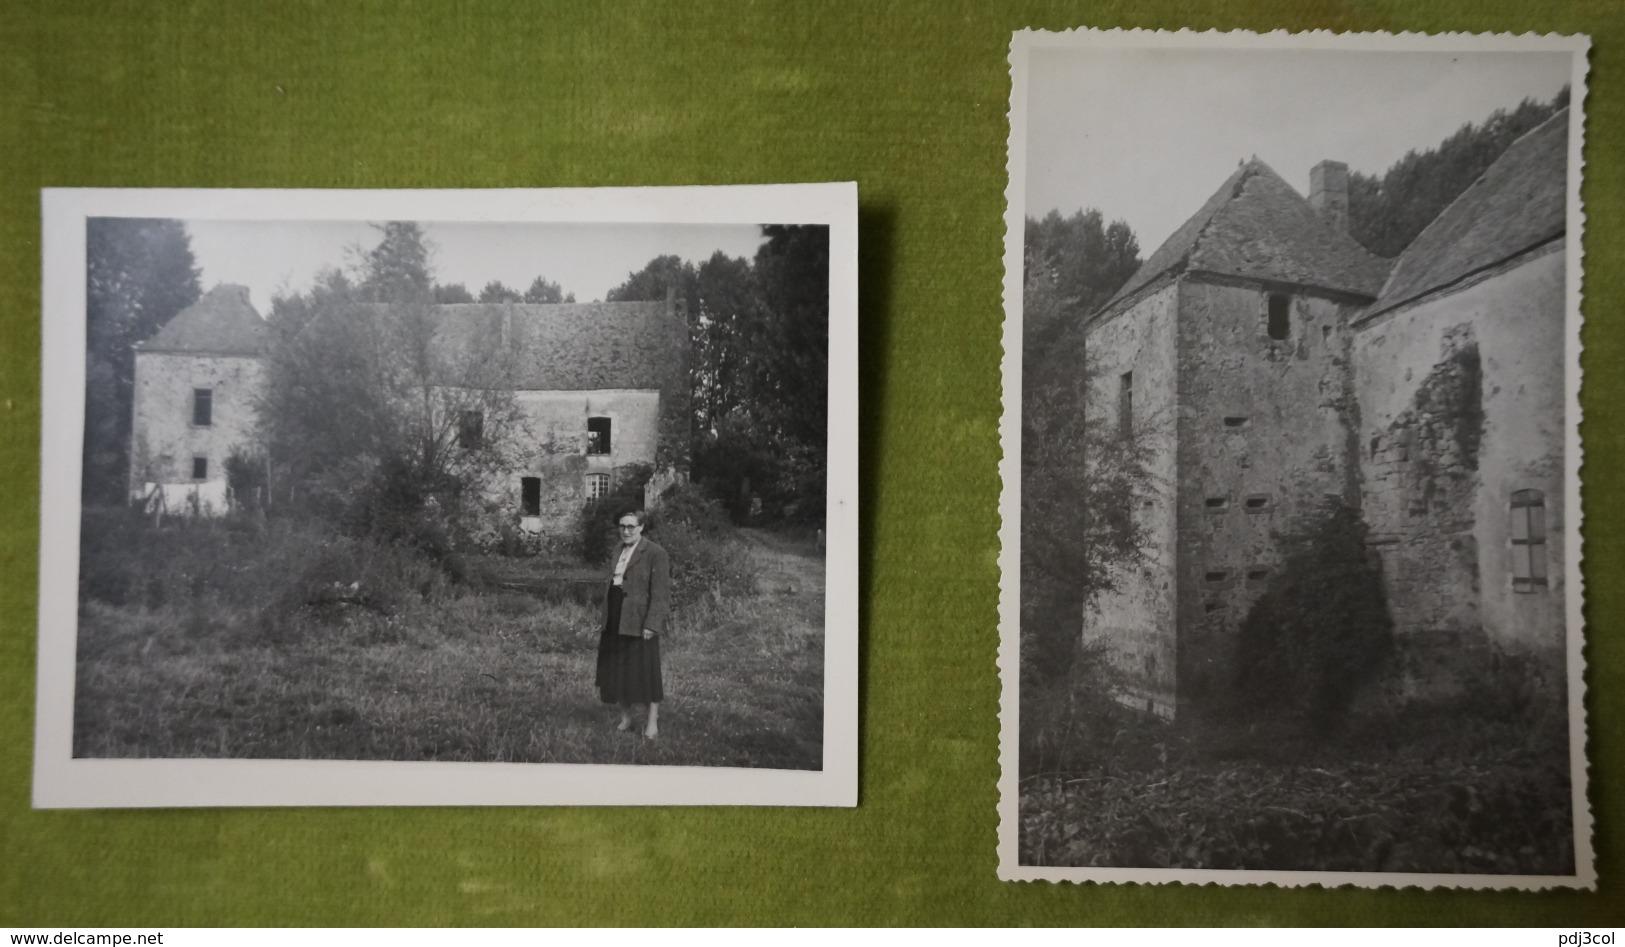 Lot De 2 Photos Années 1950 - Château En Ruine à Villiers Aux Corneilles (Marne) - Lieux